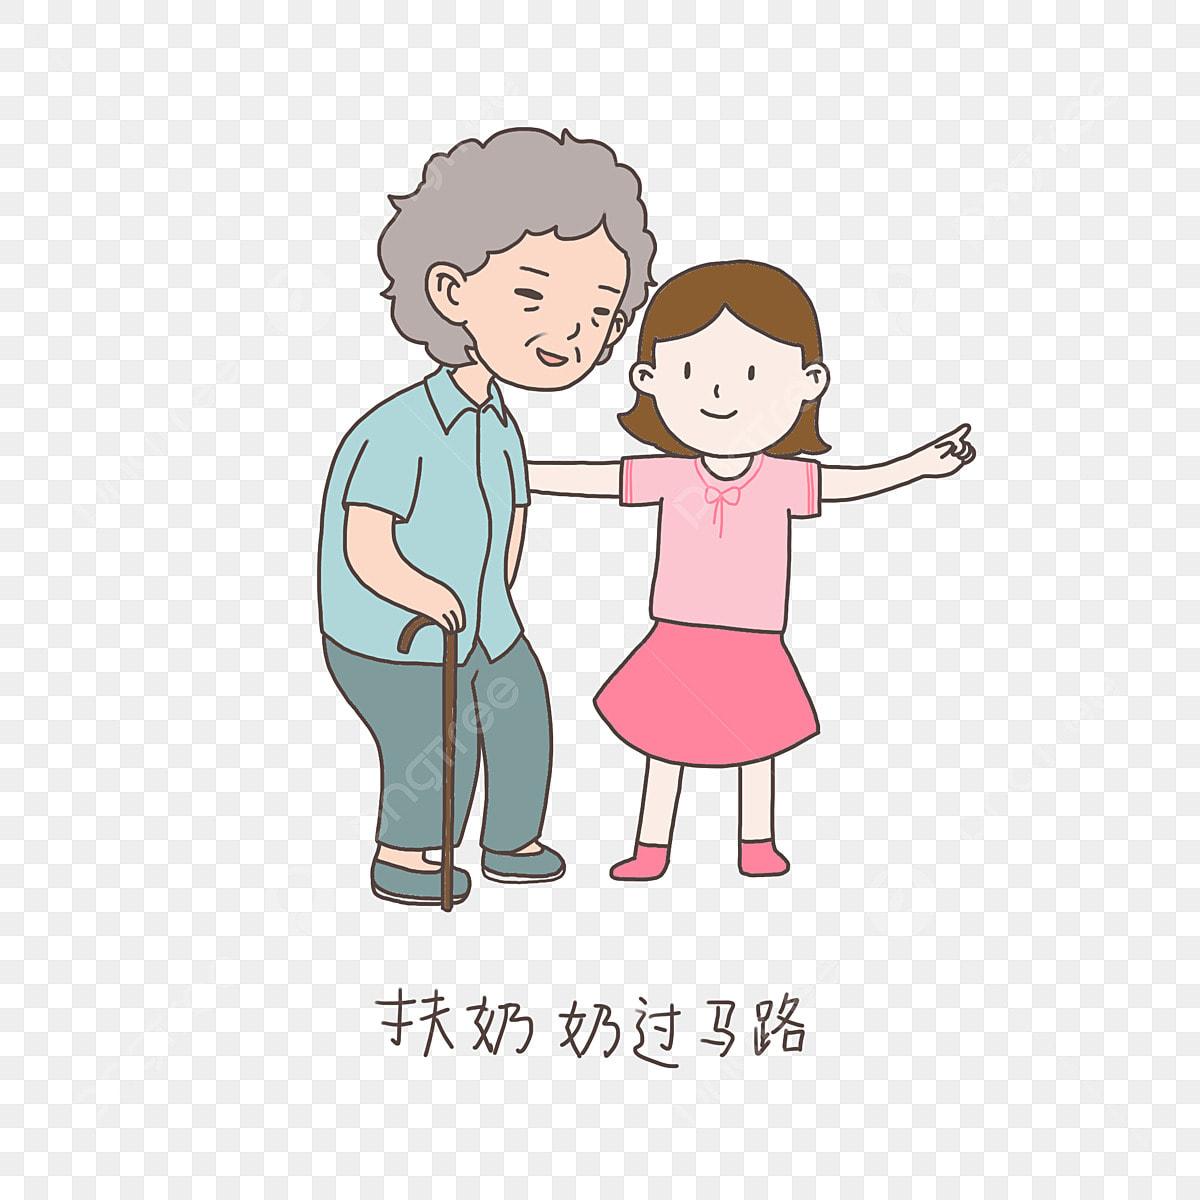 اليد رسم رسم الرعاية العامة حزمة التعبيرات الأمنية مساعدة الناس على التعبير عن حزم التعبير دليل أمان حزمة التعبيرات حزمة عن باليد Png وملف Psd للتحميل مجانا